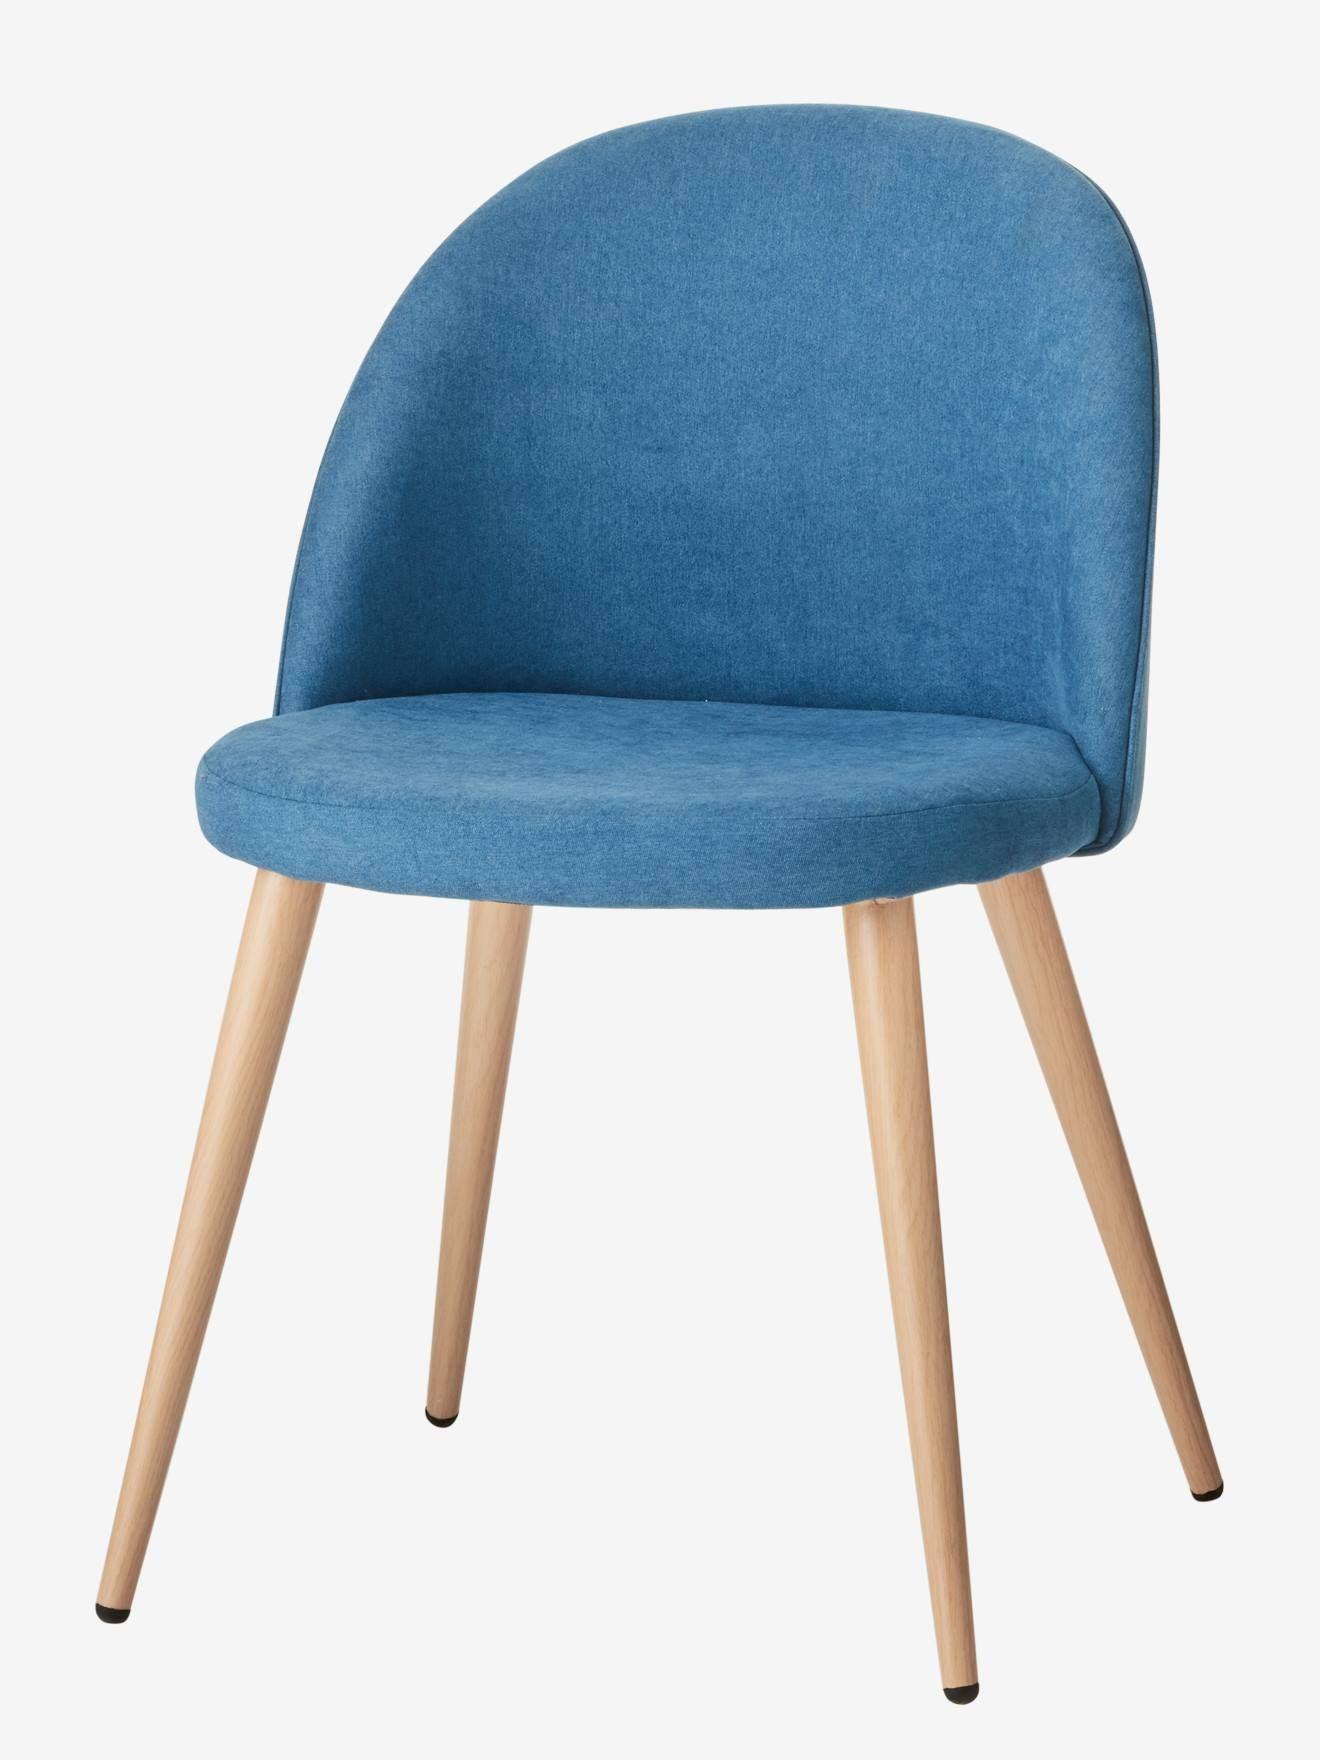 Chaise De Bureau Primaire Bubble Bleu Vertbaudet Chaise Bureau